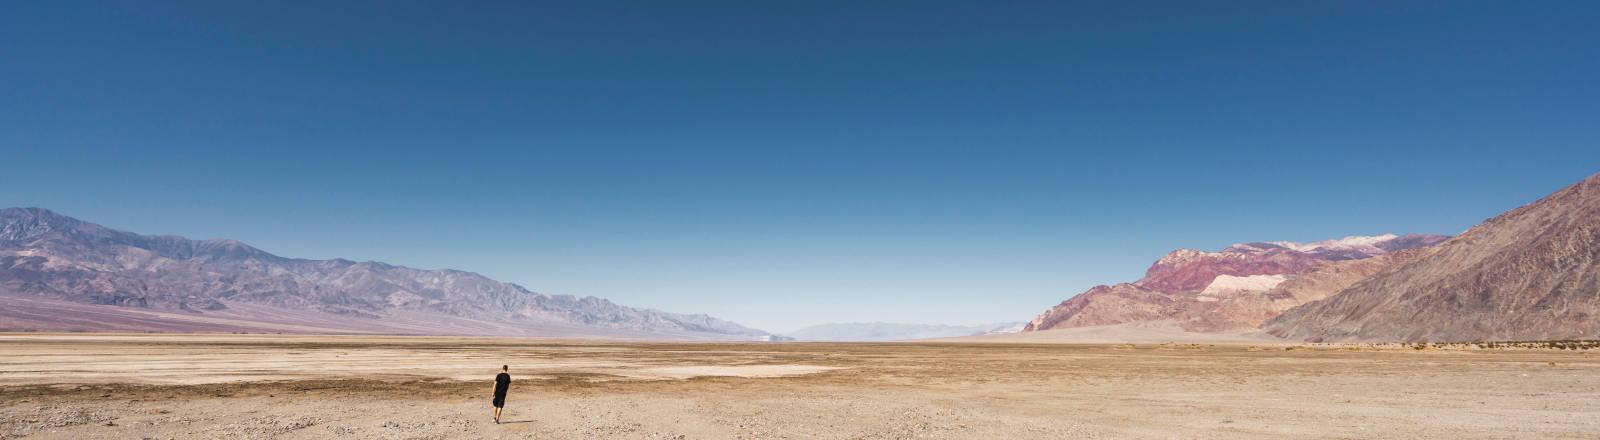 Ein Mann in der Wüste unter blauem Himmel